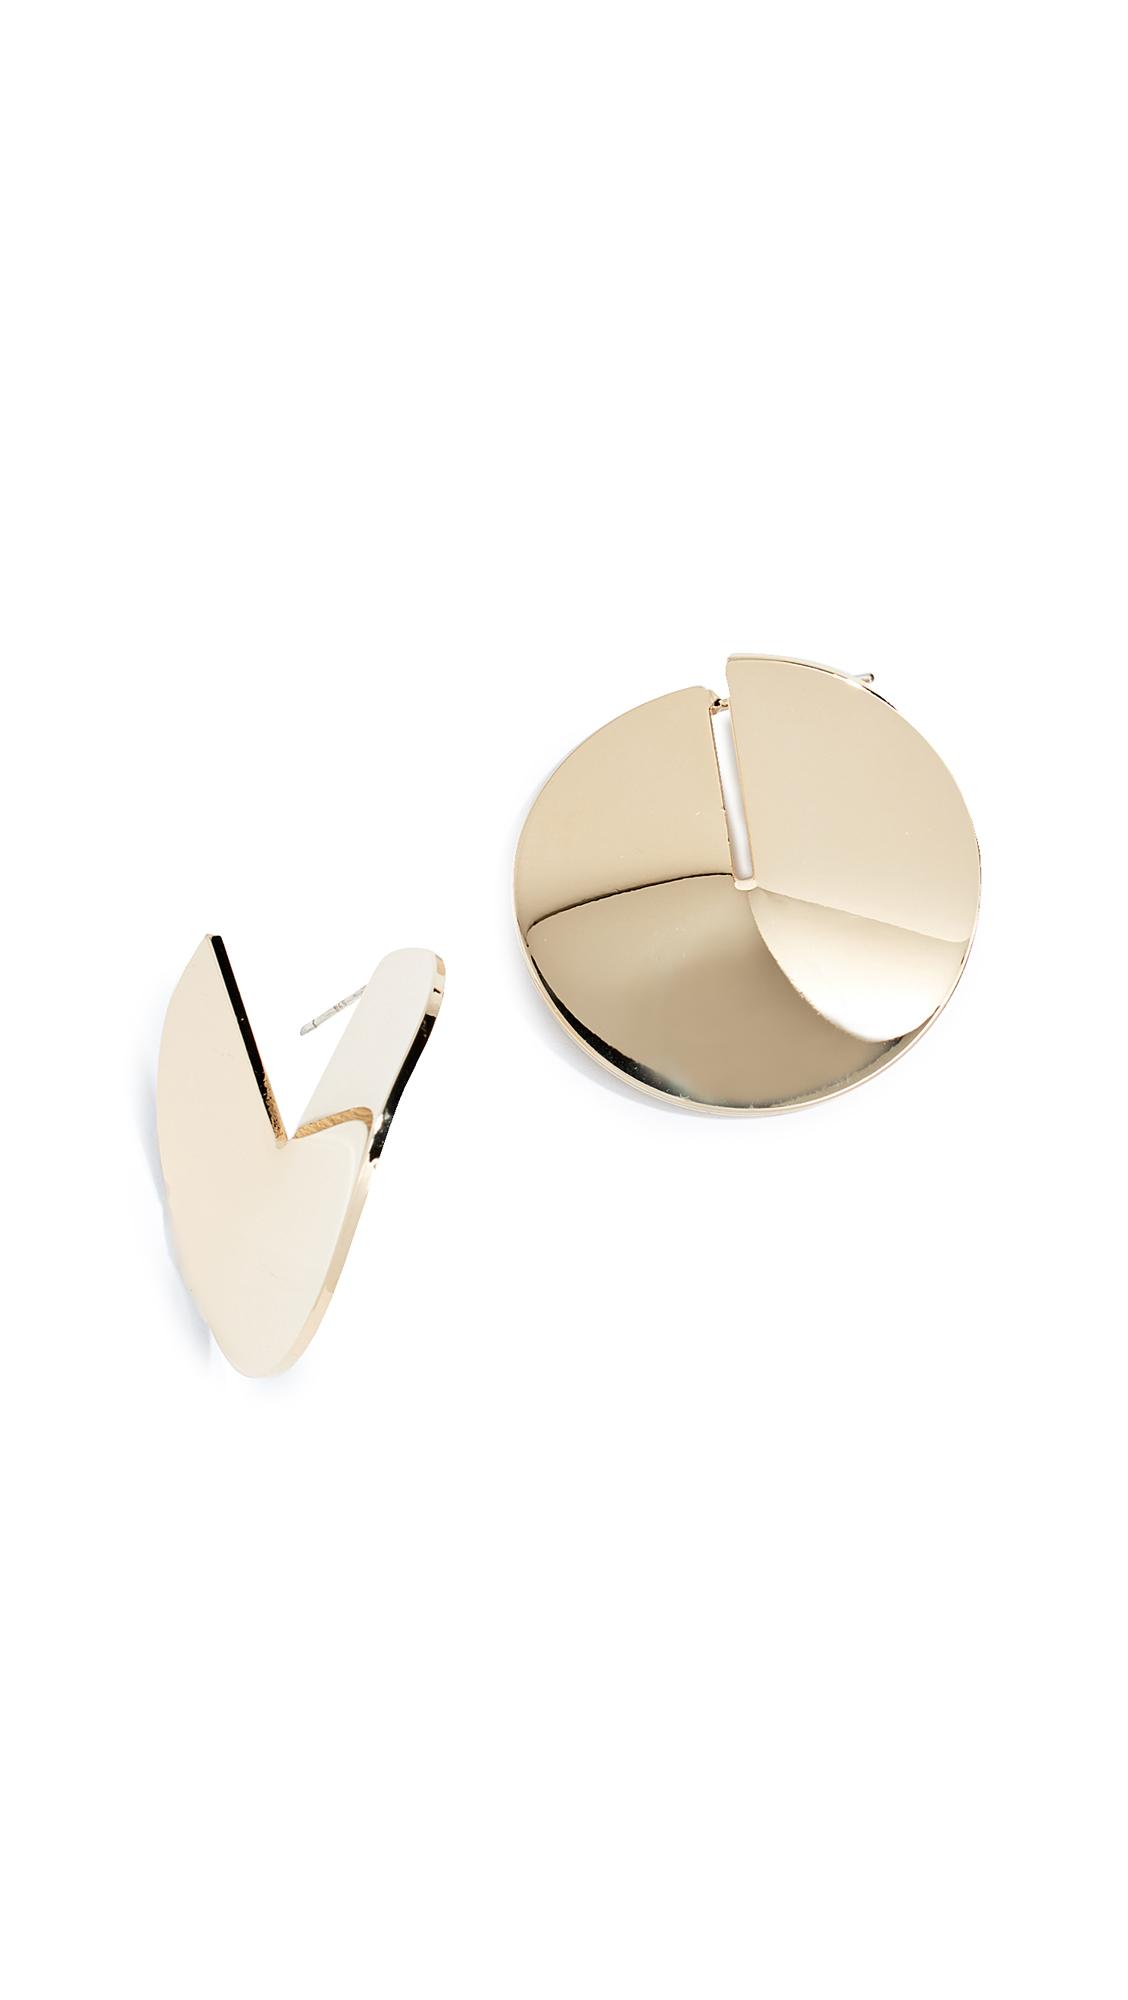 CLOVERPOST Belief Earrings in Gold